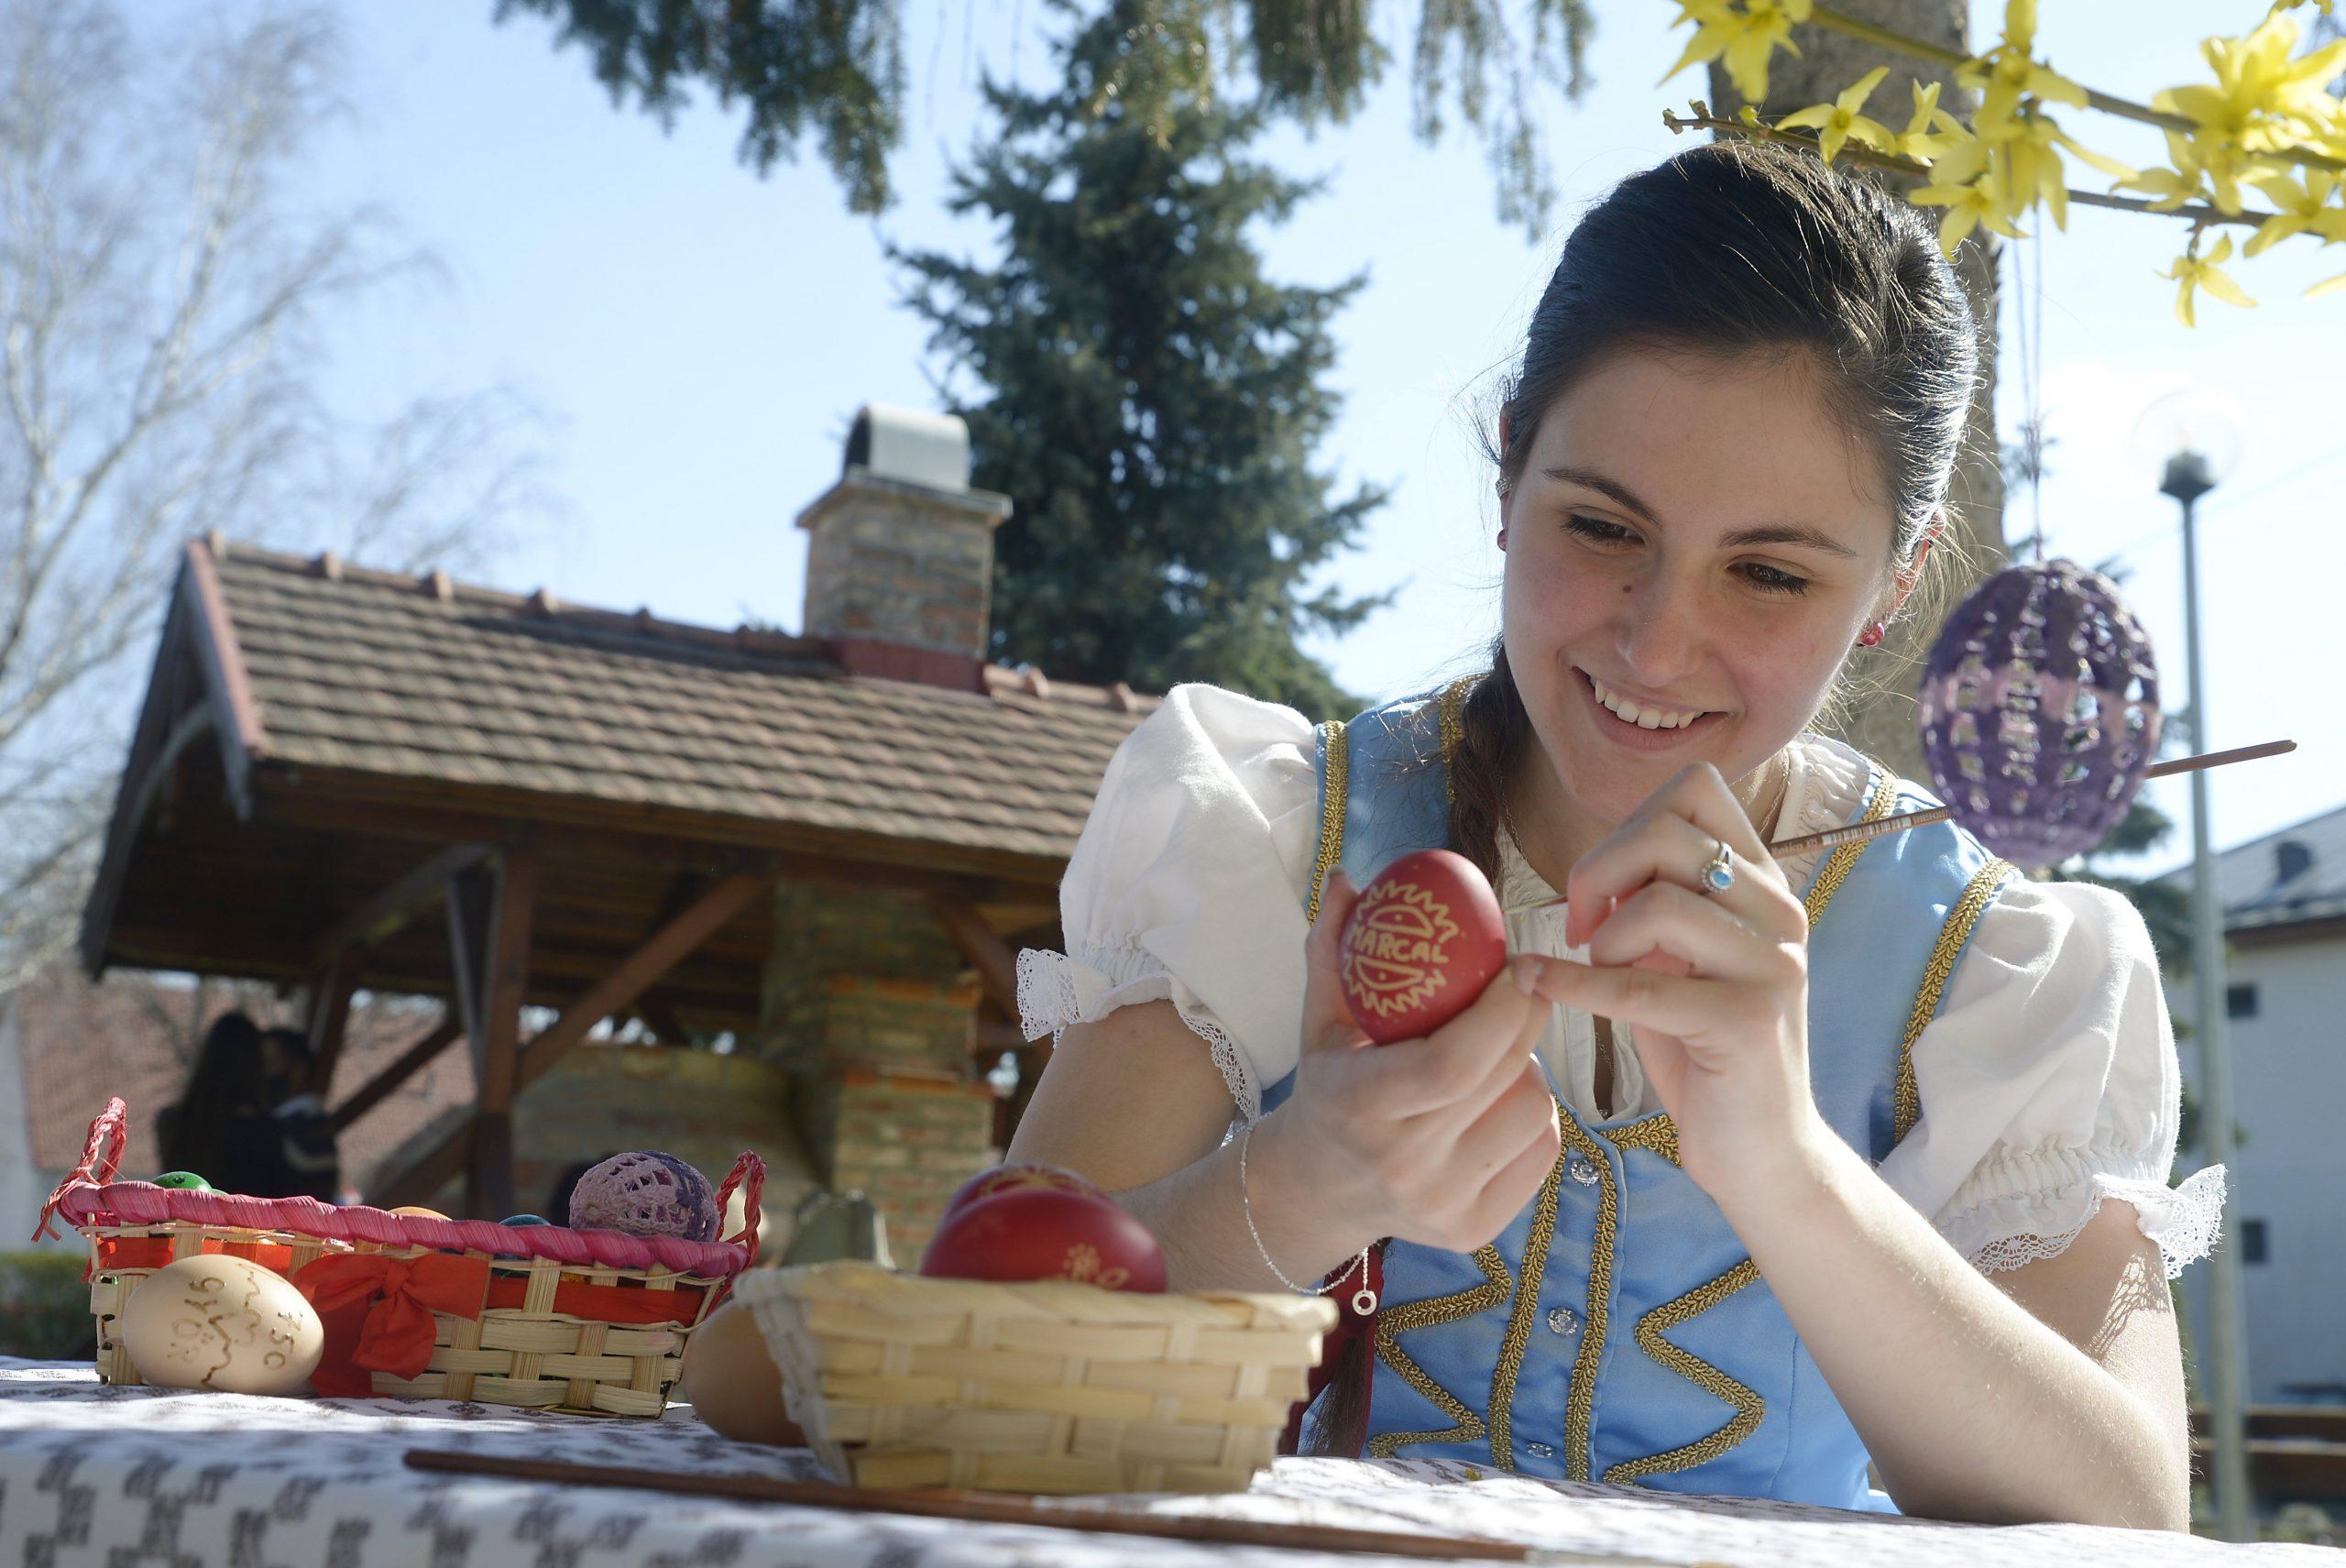 A Marcal Tánc- és Népművészeti Egyesület tagja húsvéti tojást fest a gyírmóti Művelődési Ház udvarán 2021. március 31-én. Hétszázötven darab hímes tojás készül Győr város fennállásának évfordulójára. MTI/Krizsán Csaba